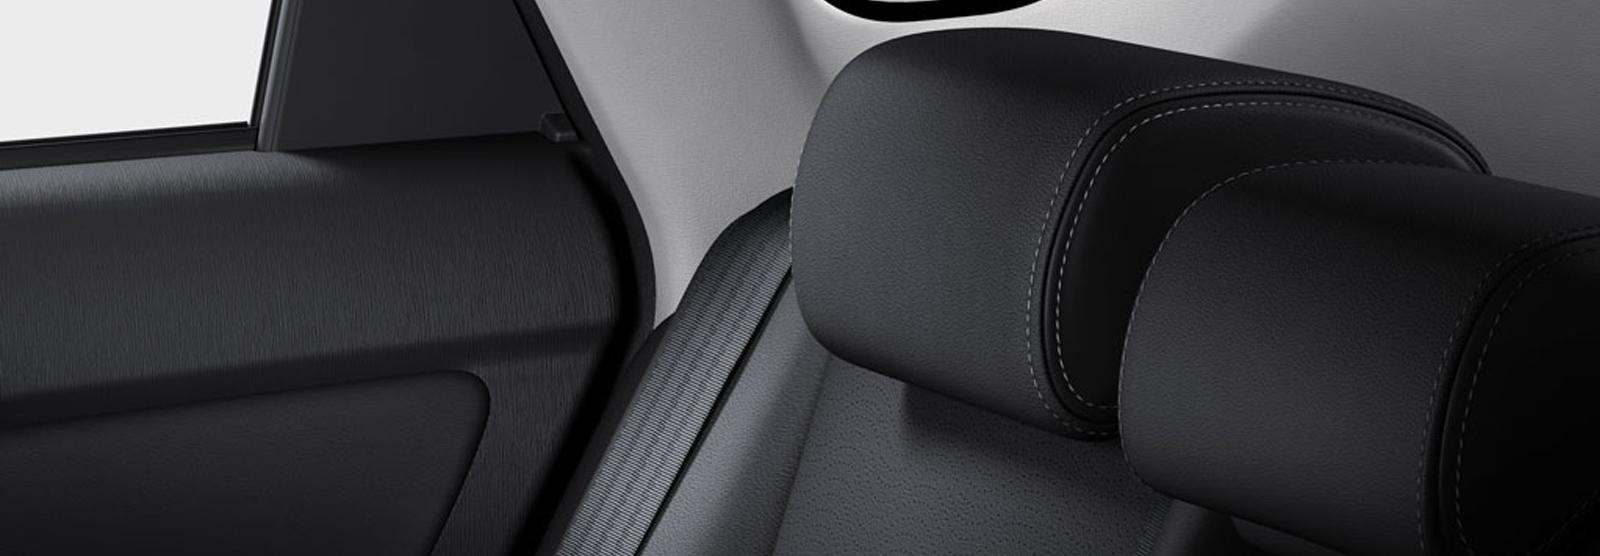 prius-interior14